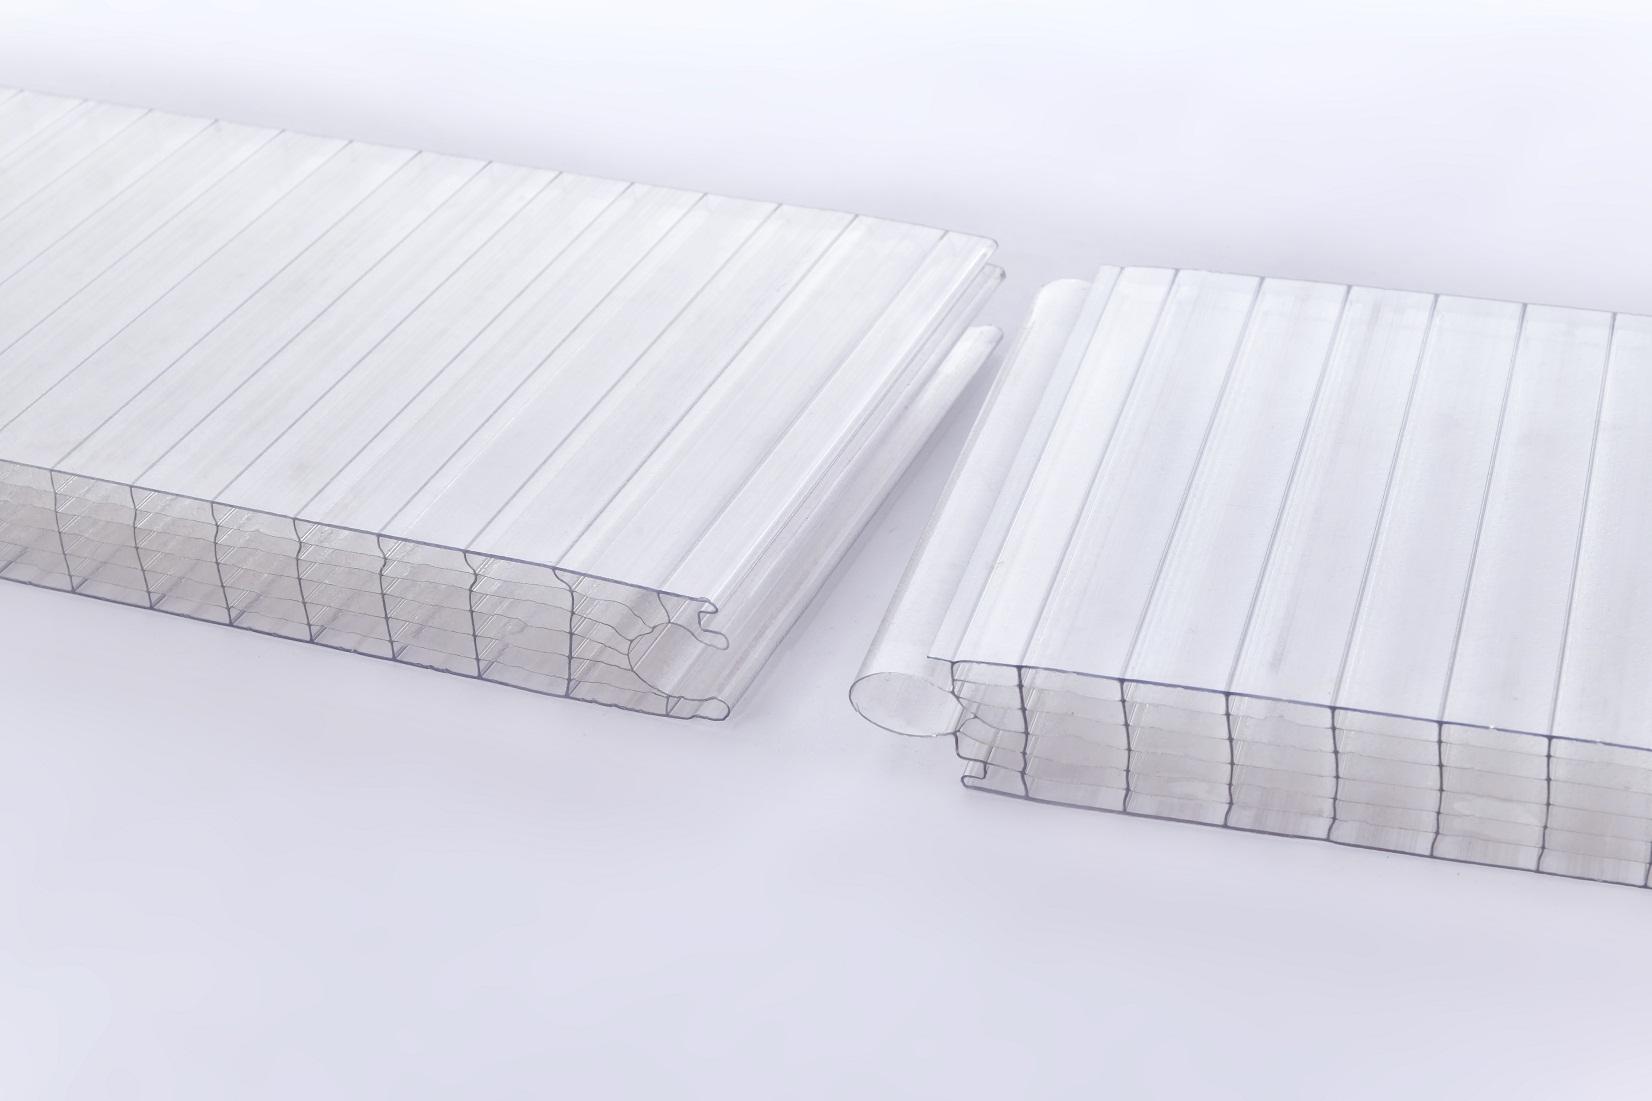 遼寧PC插接板應用 誠信互利「廣東博亞塑膠科技供應」